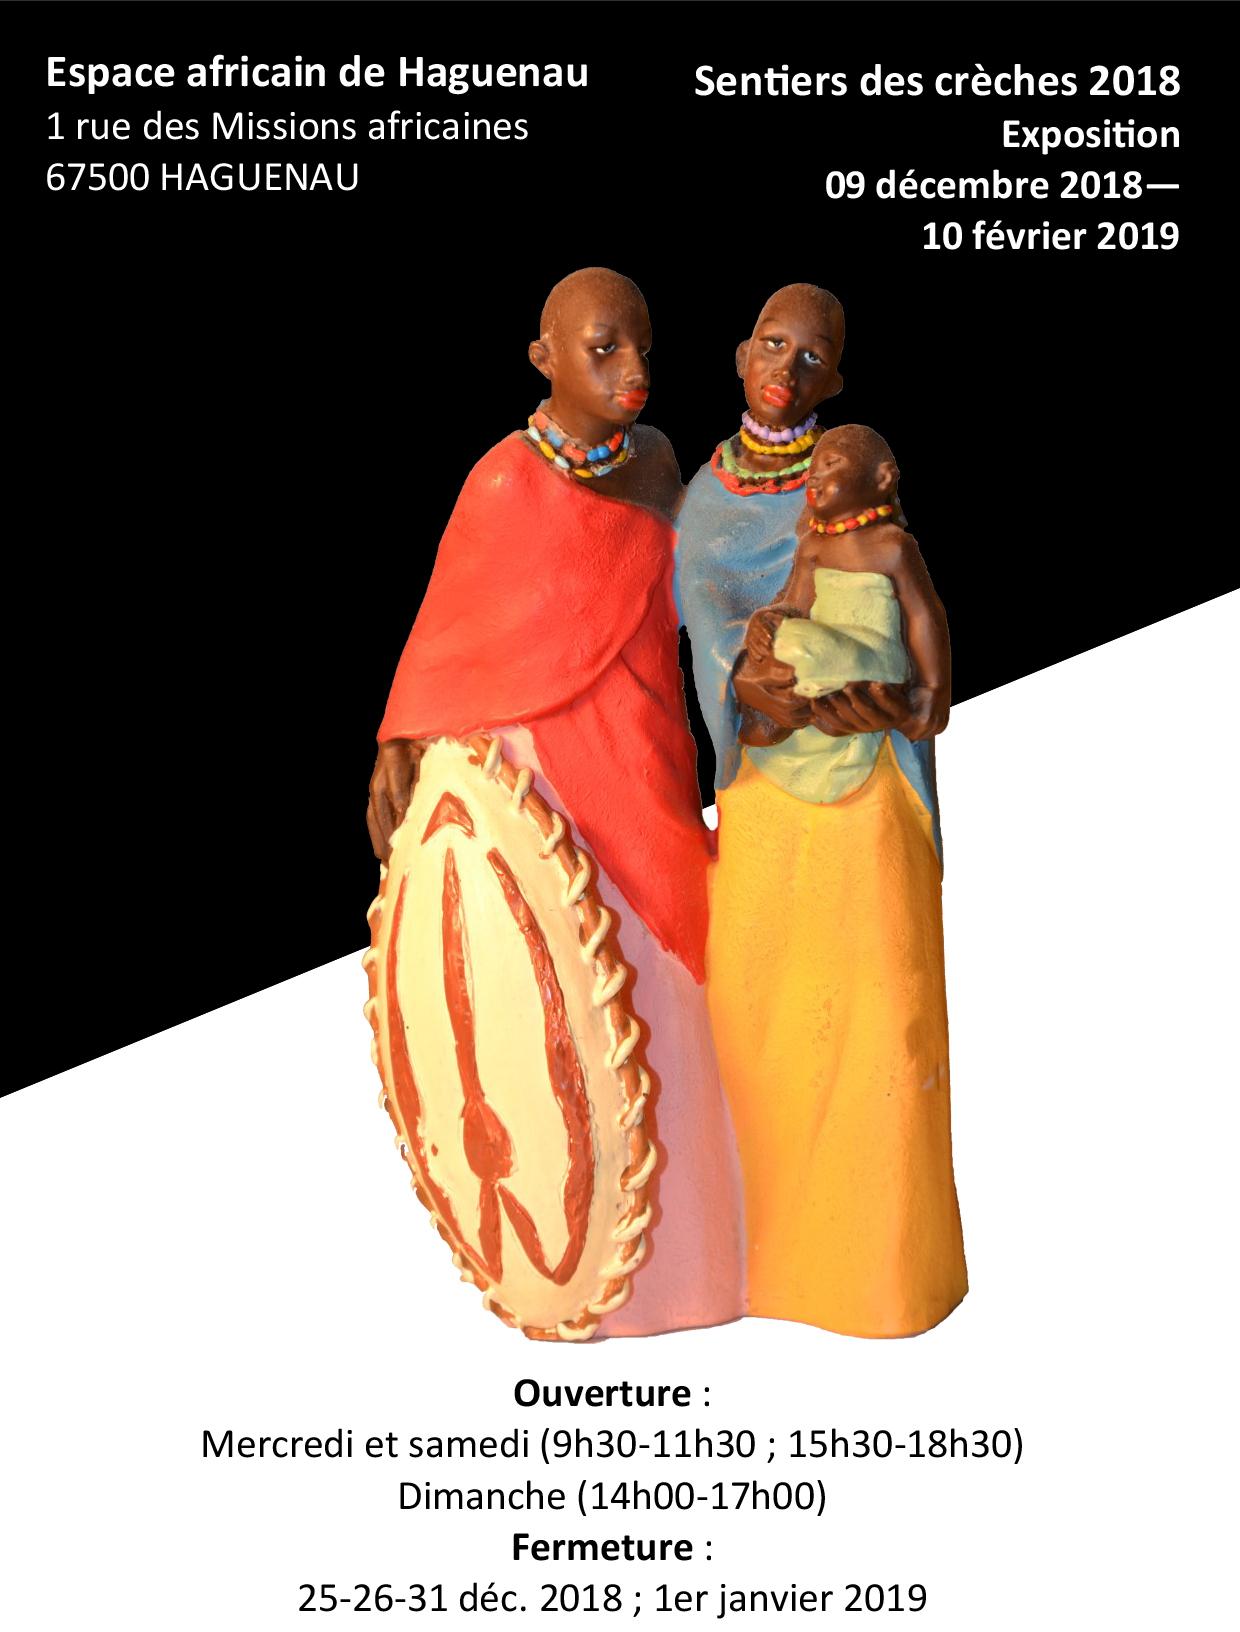 «Les crèches du soleil», exposition des crèches africaines.